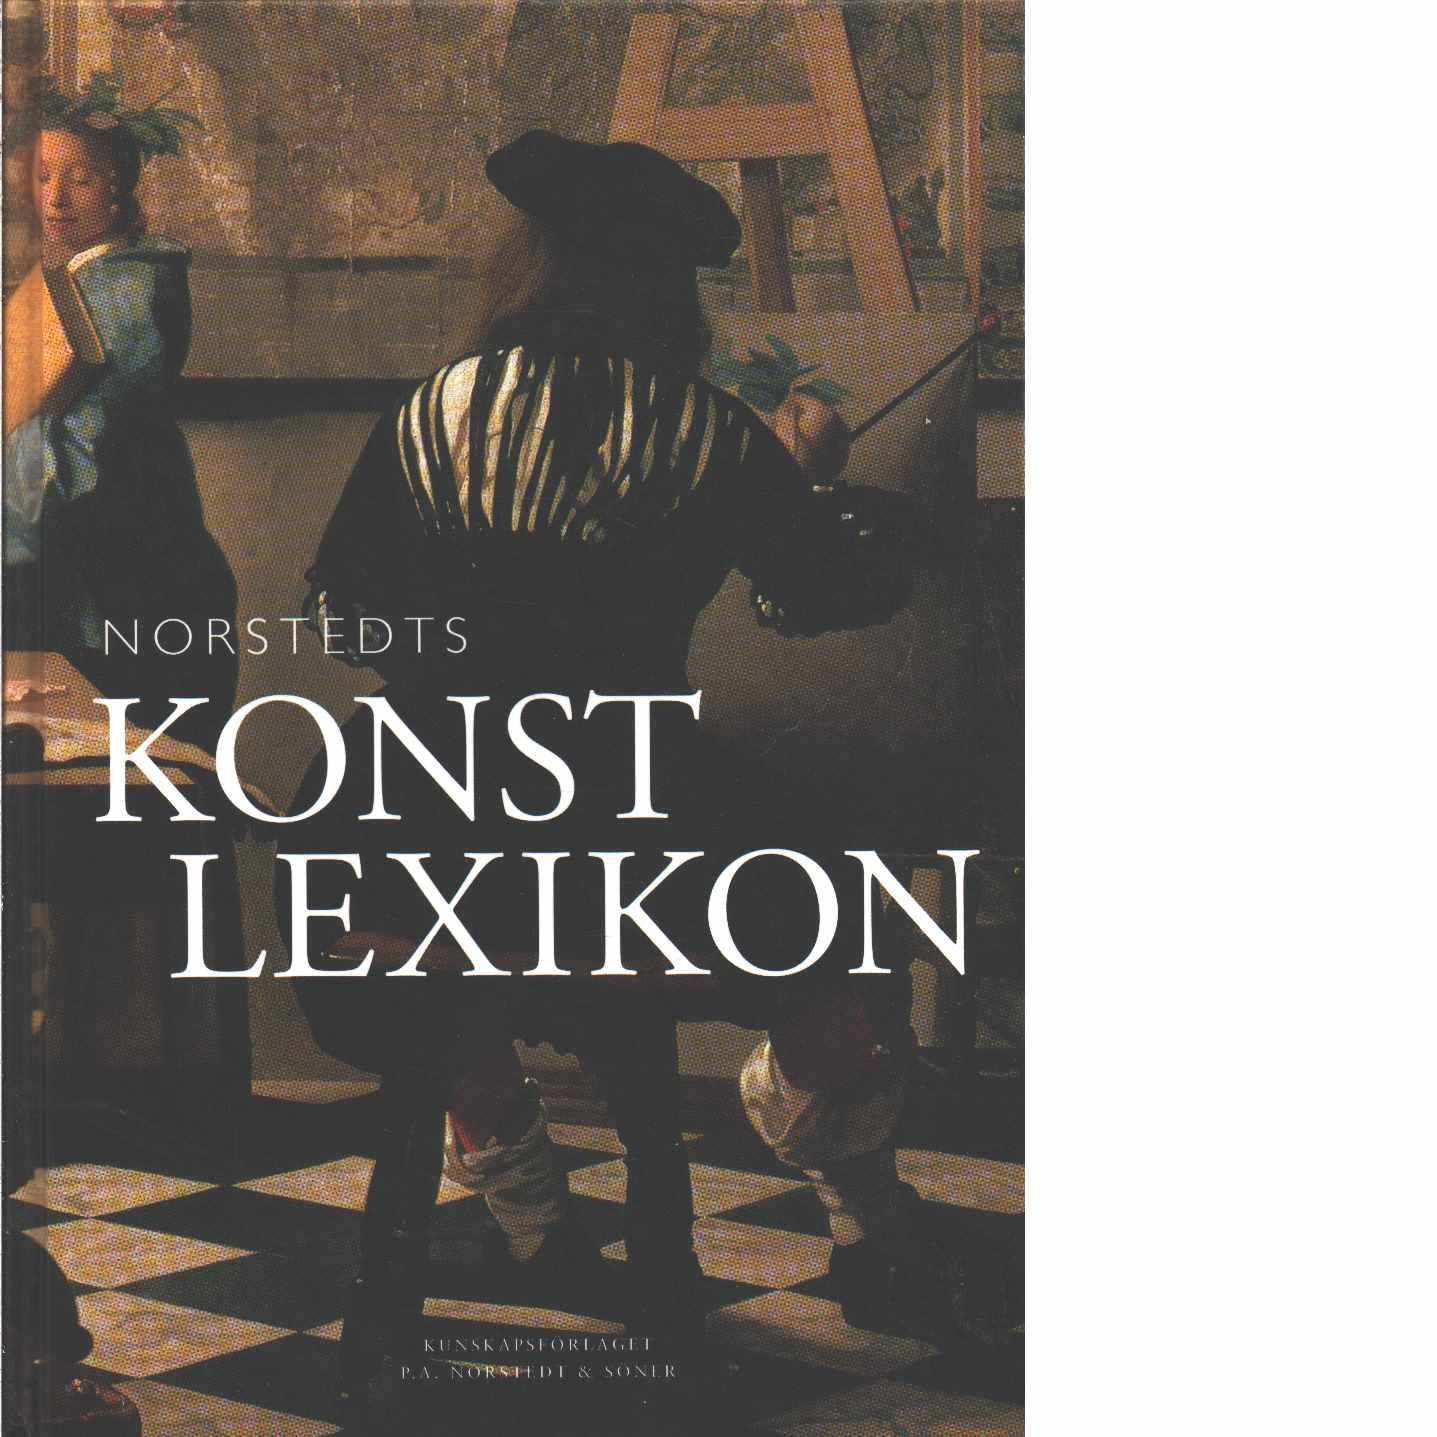 Norstedts konstlexikon - Ångström-Grandien, Inga Lena